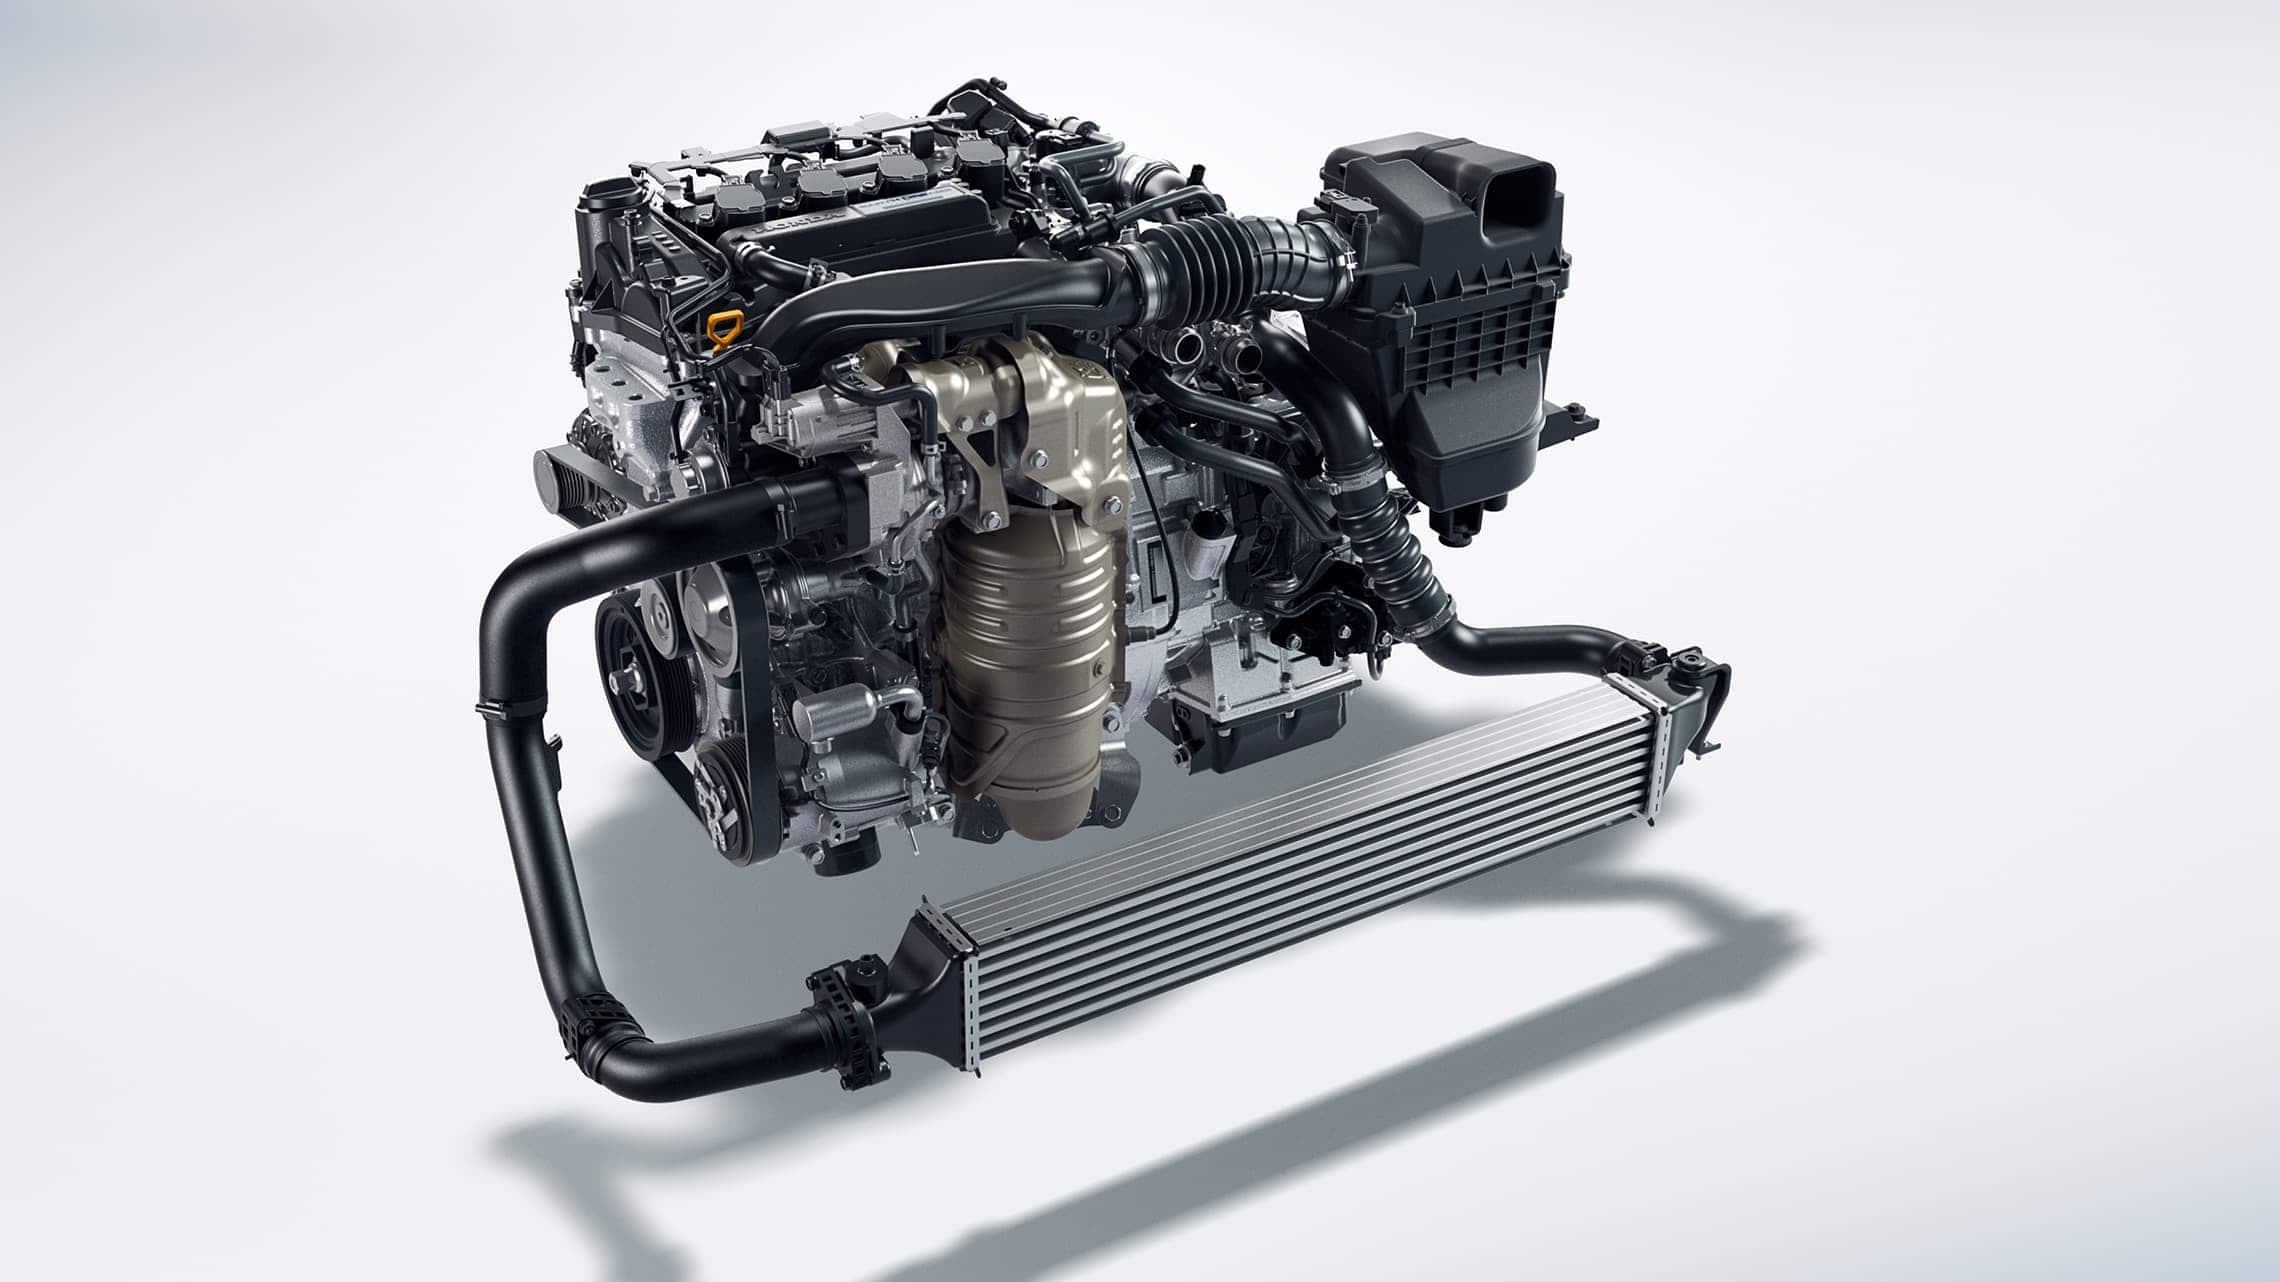 Motor turboalimentado de 4 cilindros y 1.5 litros con intercooler para el Honda Civic Touring Sedán2020.